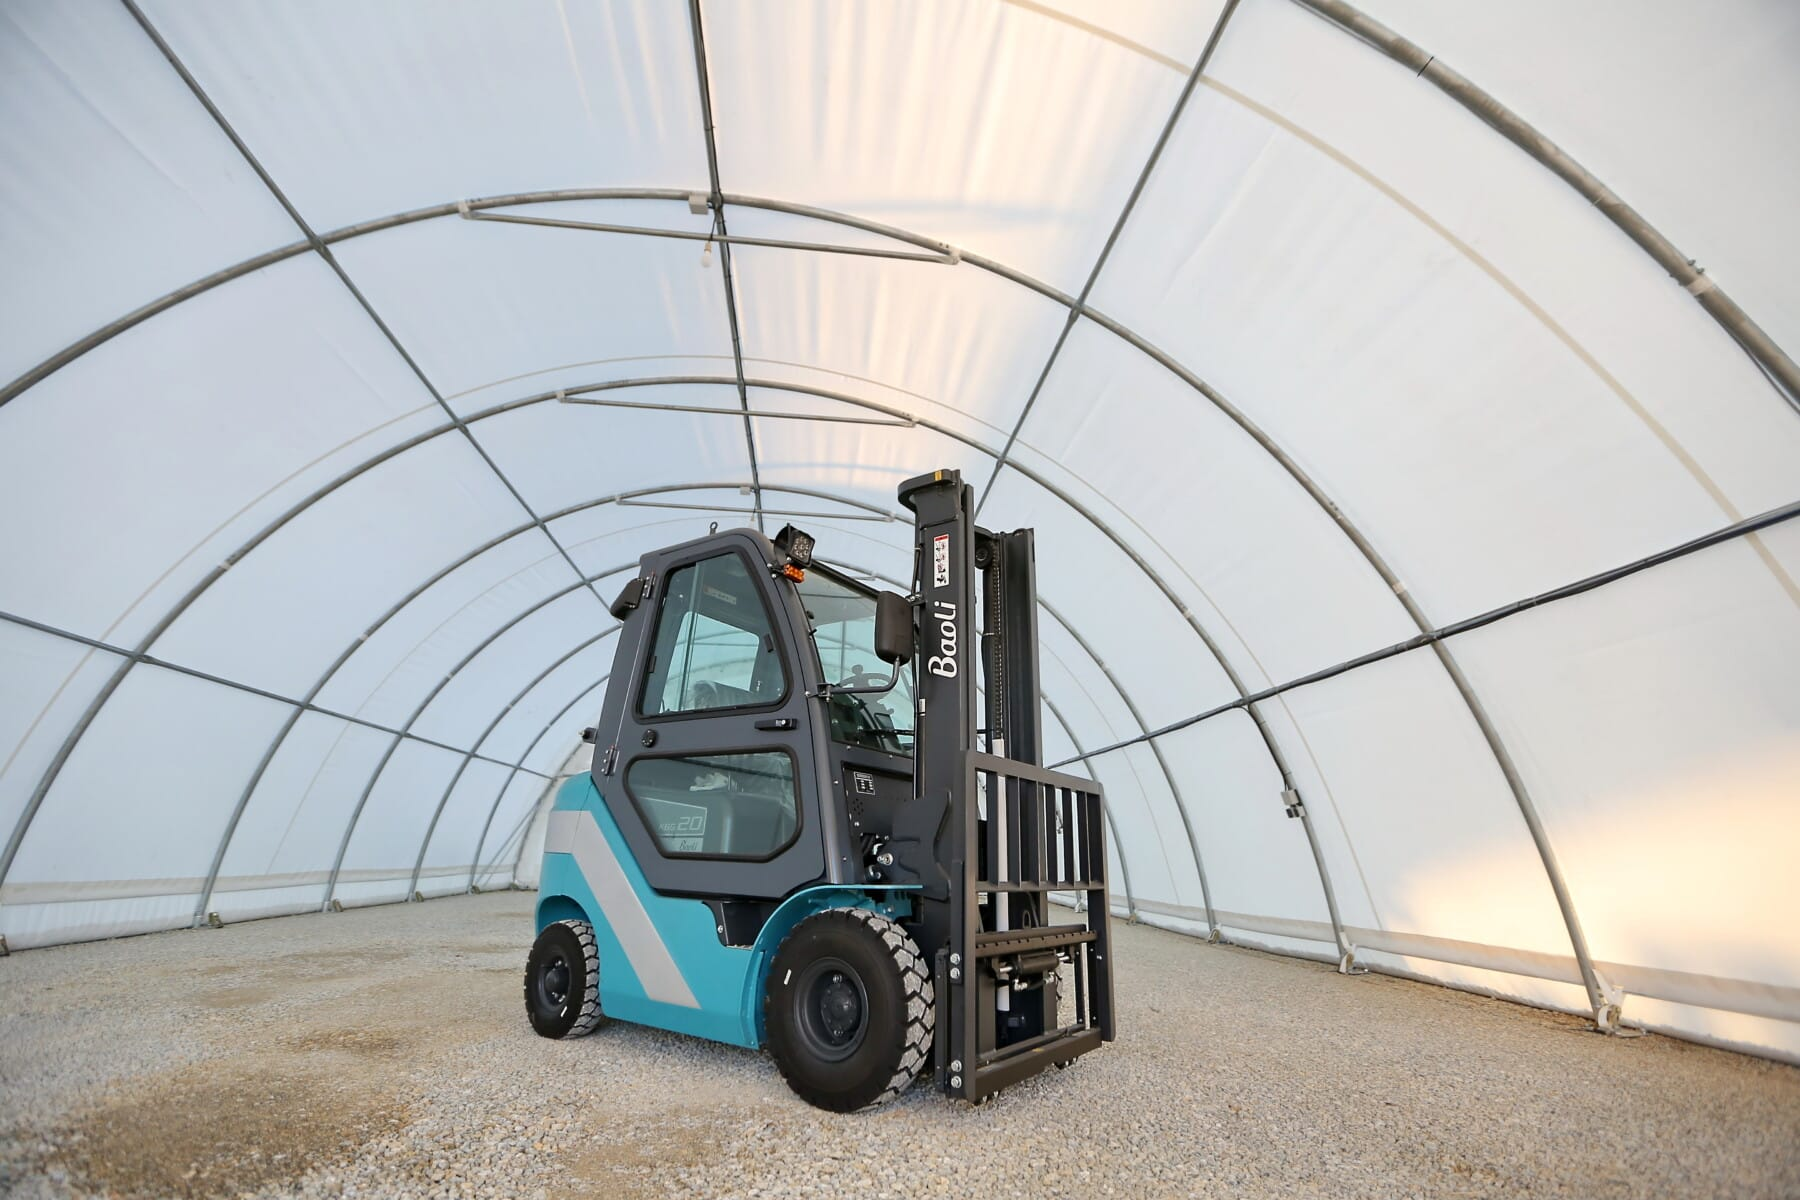 diesel, chariot élévateur, machine, lourdes, industriel, entrepôt, machines, véhicule, secteur d'activité, à l'intérieur